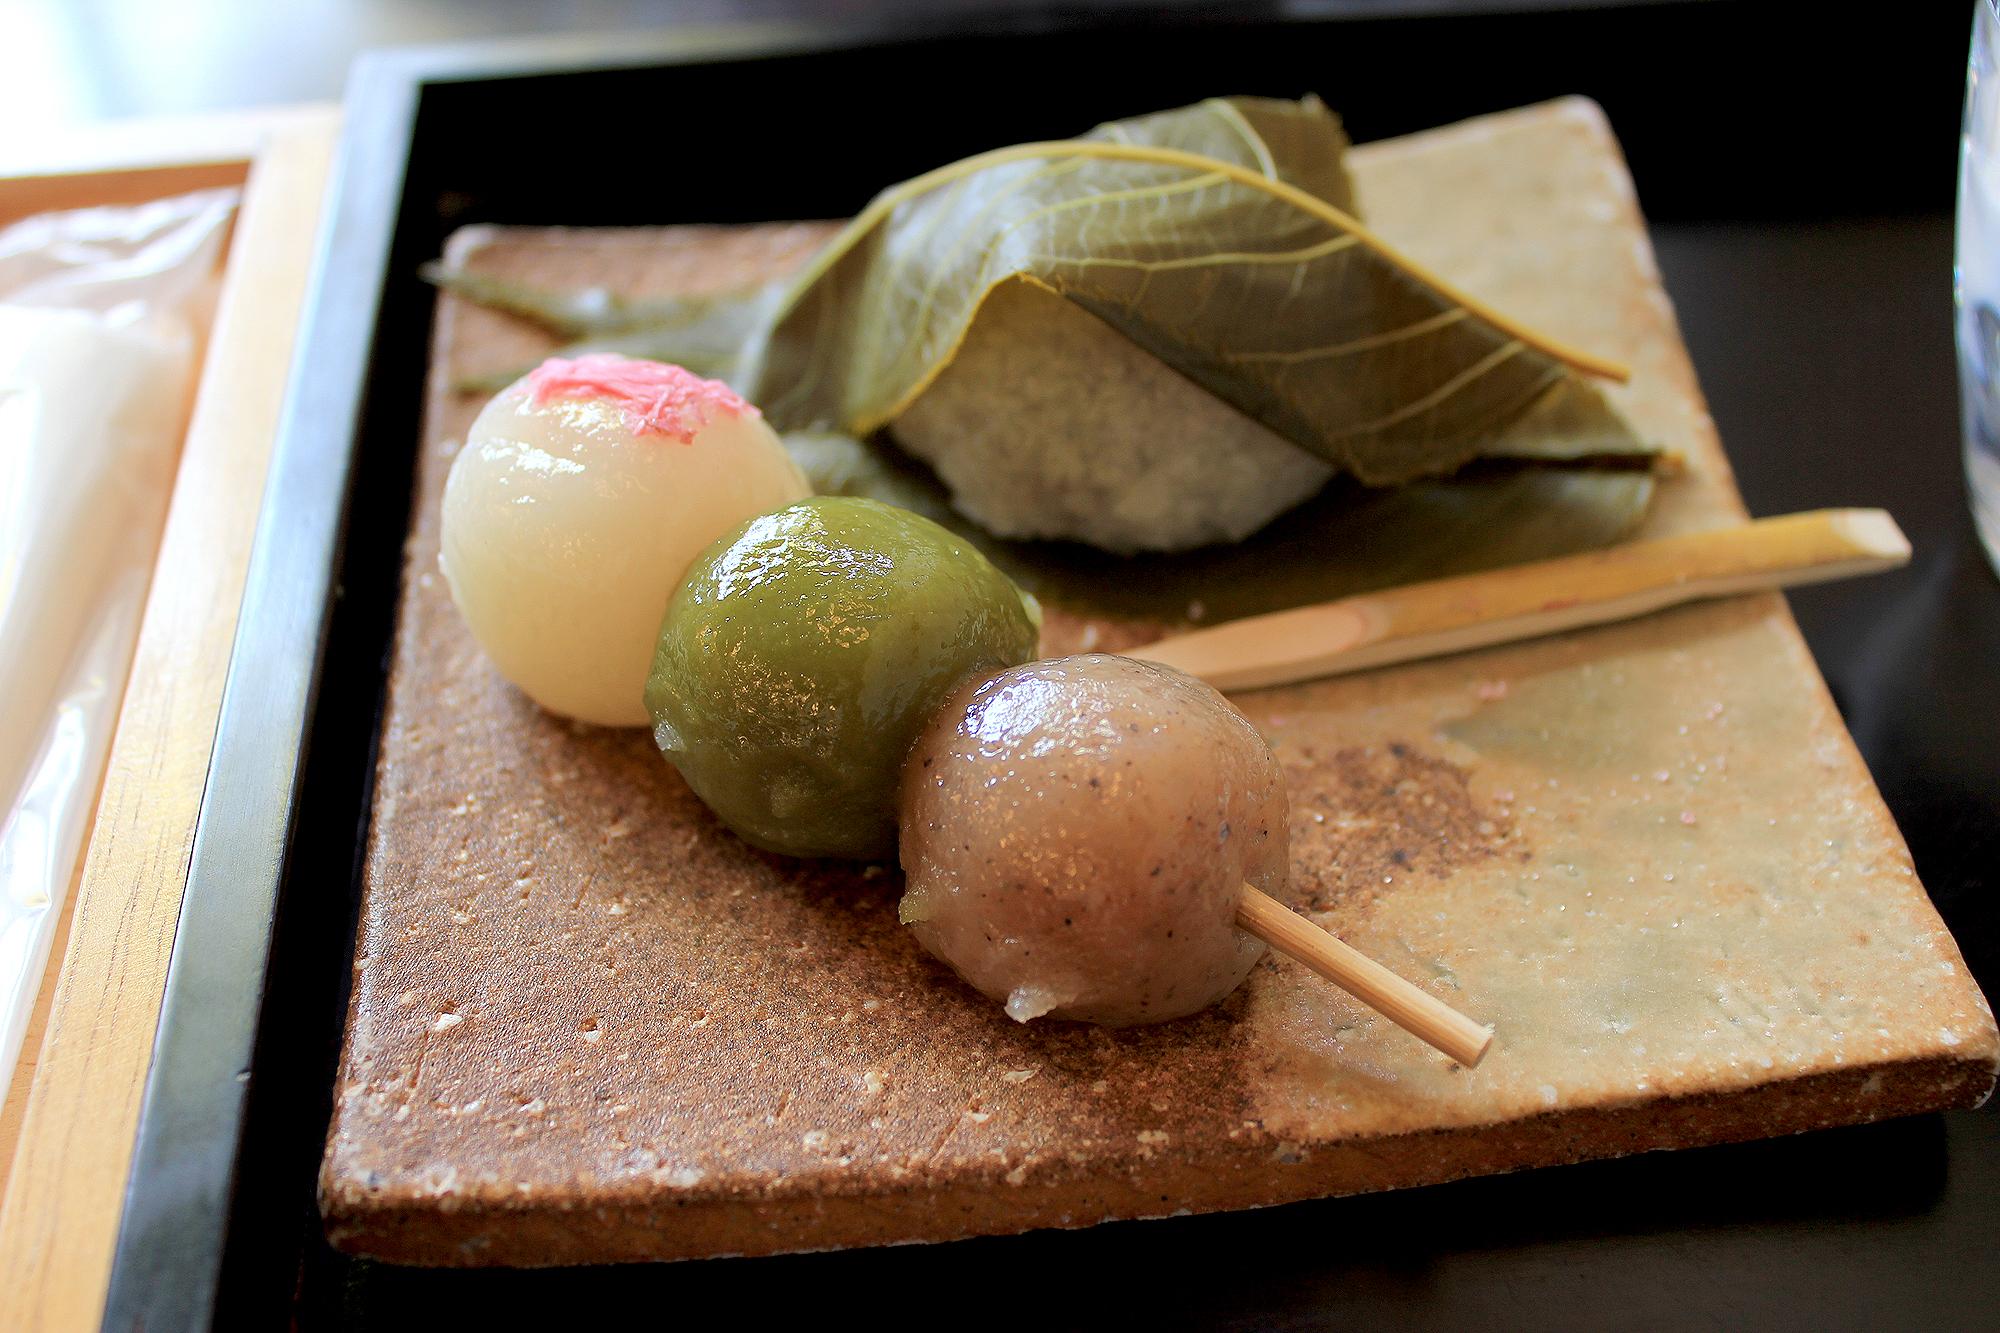 日本美食_日本关西樱花季——赏樱与美食之旅(大阪/京都/奈良)